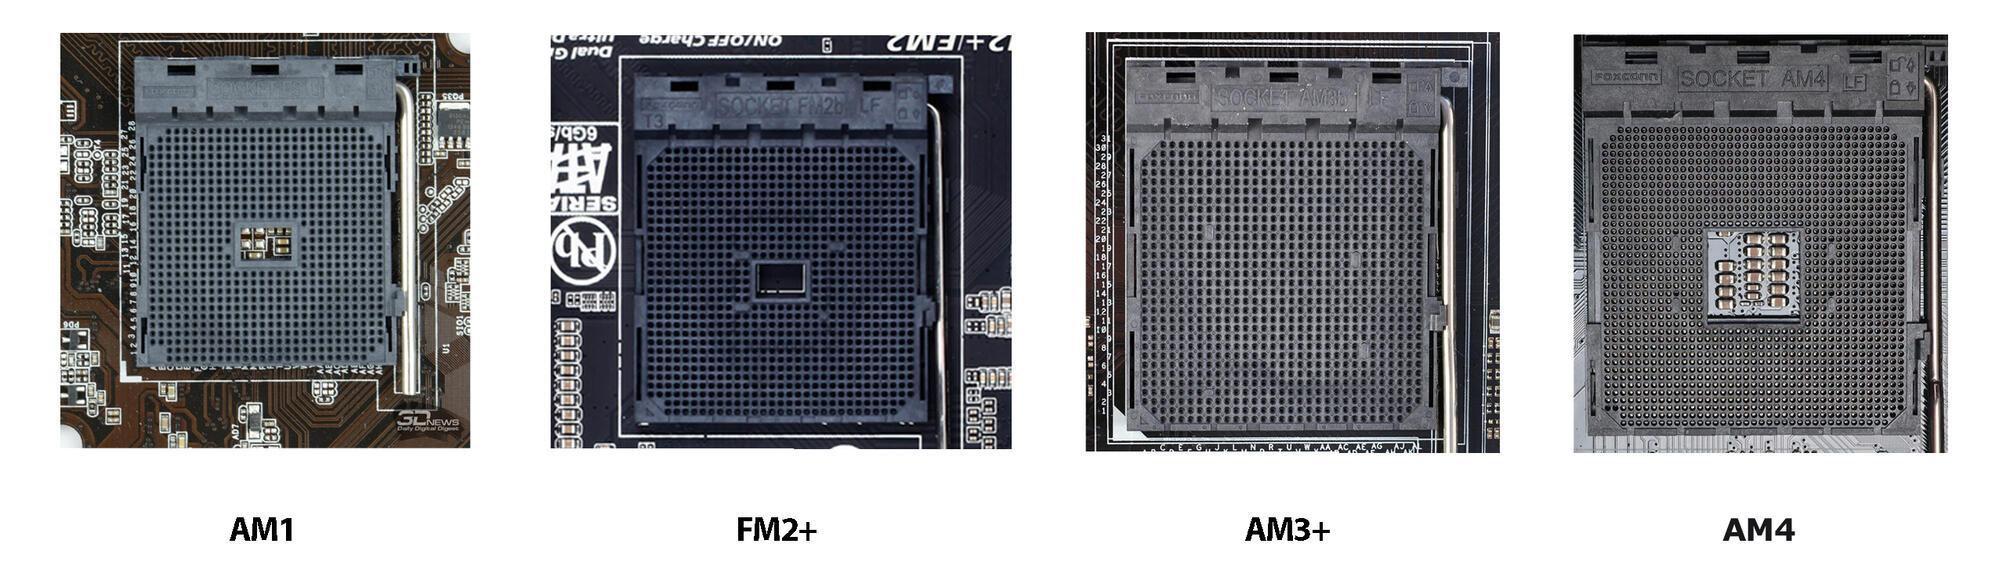 Kompyutery i komplektuyushcie - Kak vybrat tsentralnyy protsessor [2018]